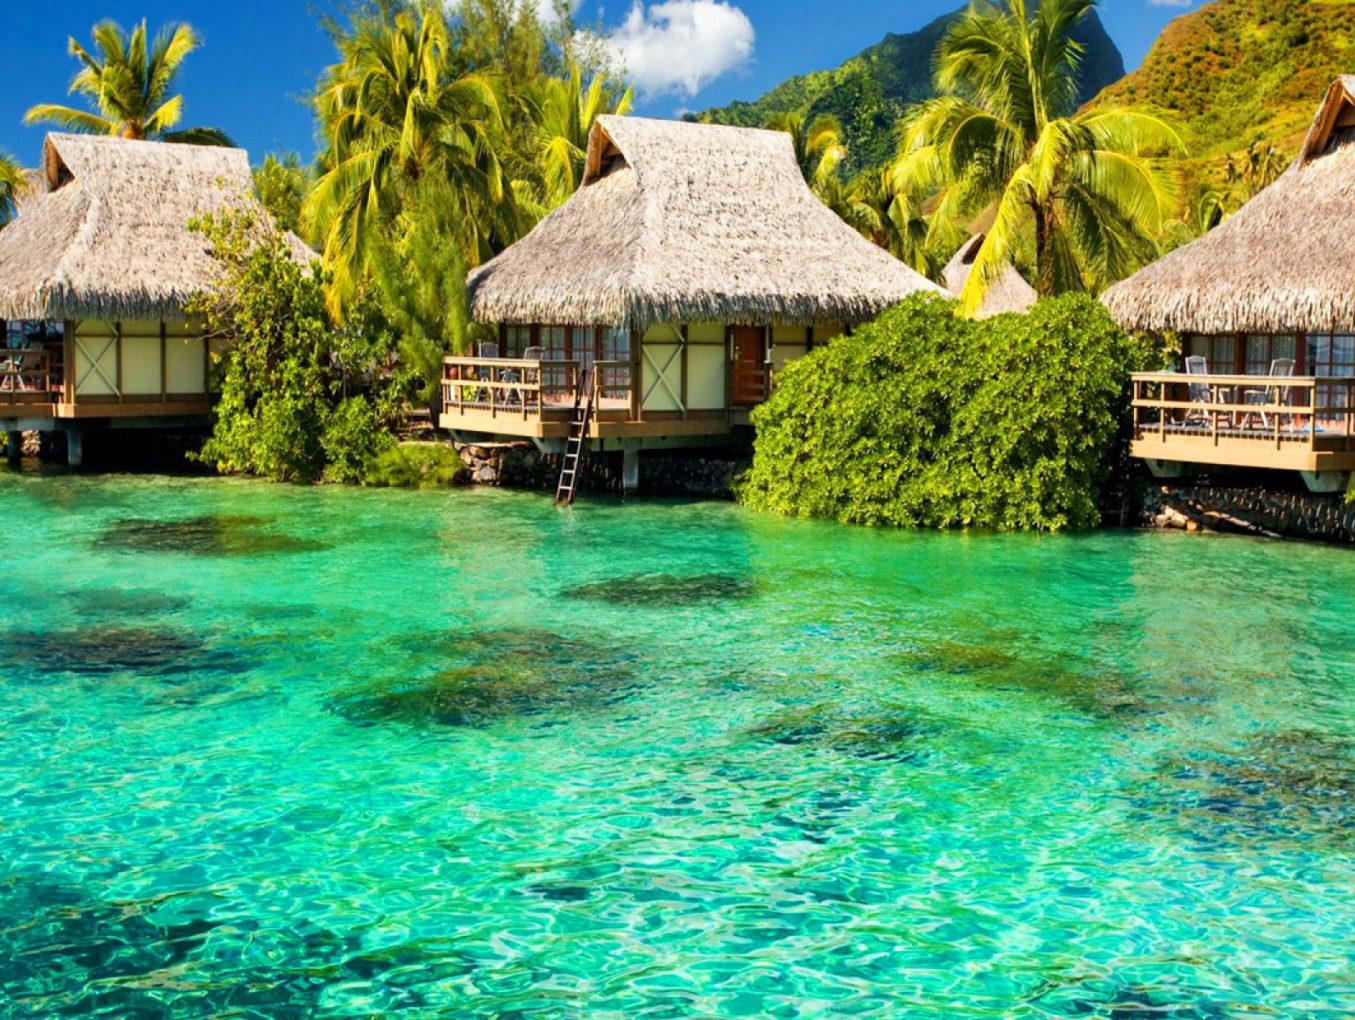 Шесть месяцев без туристов: остров Боракай закрывается на полгода